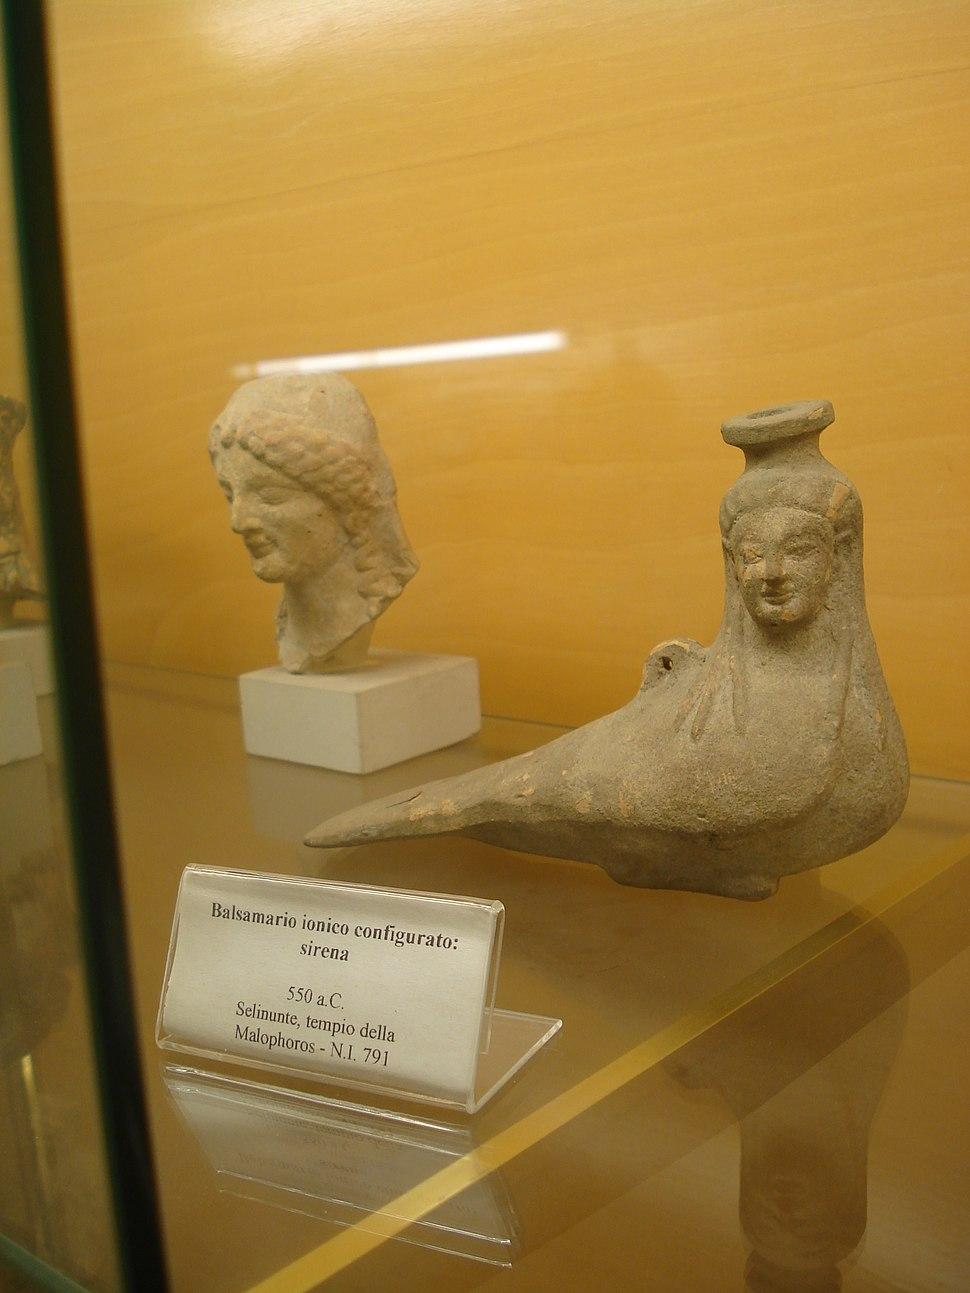 Sirena, 550 a.C. - da Selinunte - Foto di G. Dall'Orto